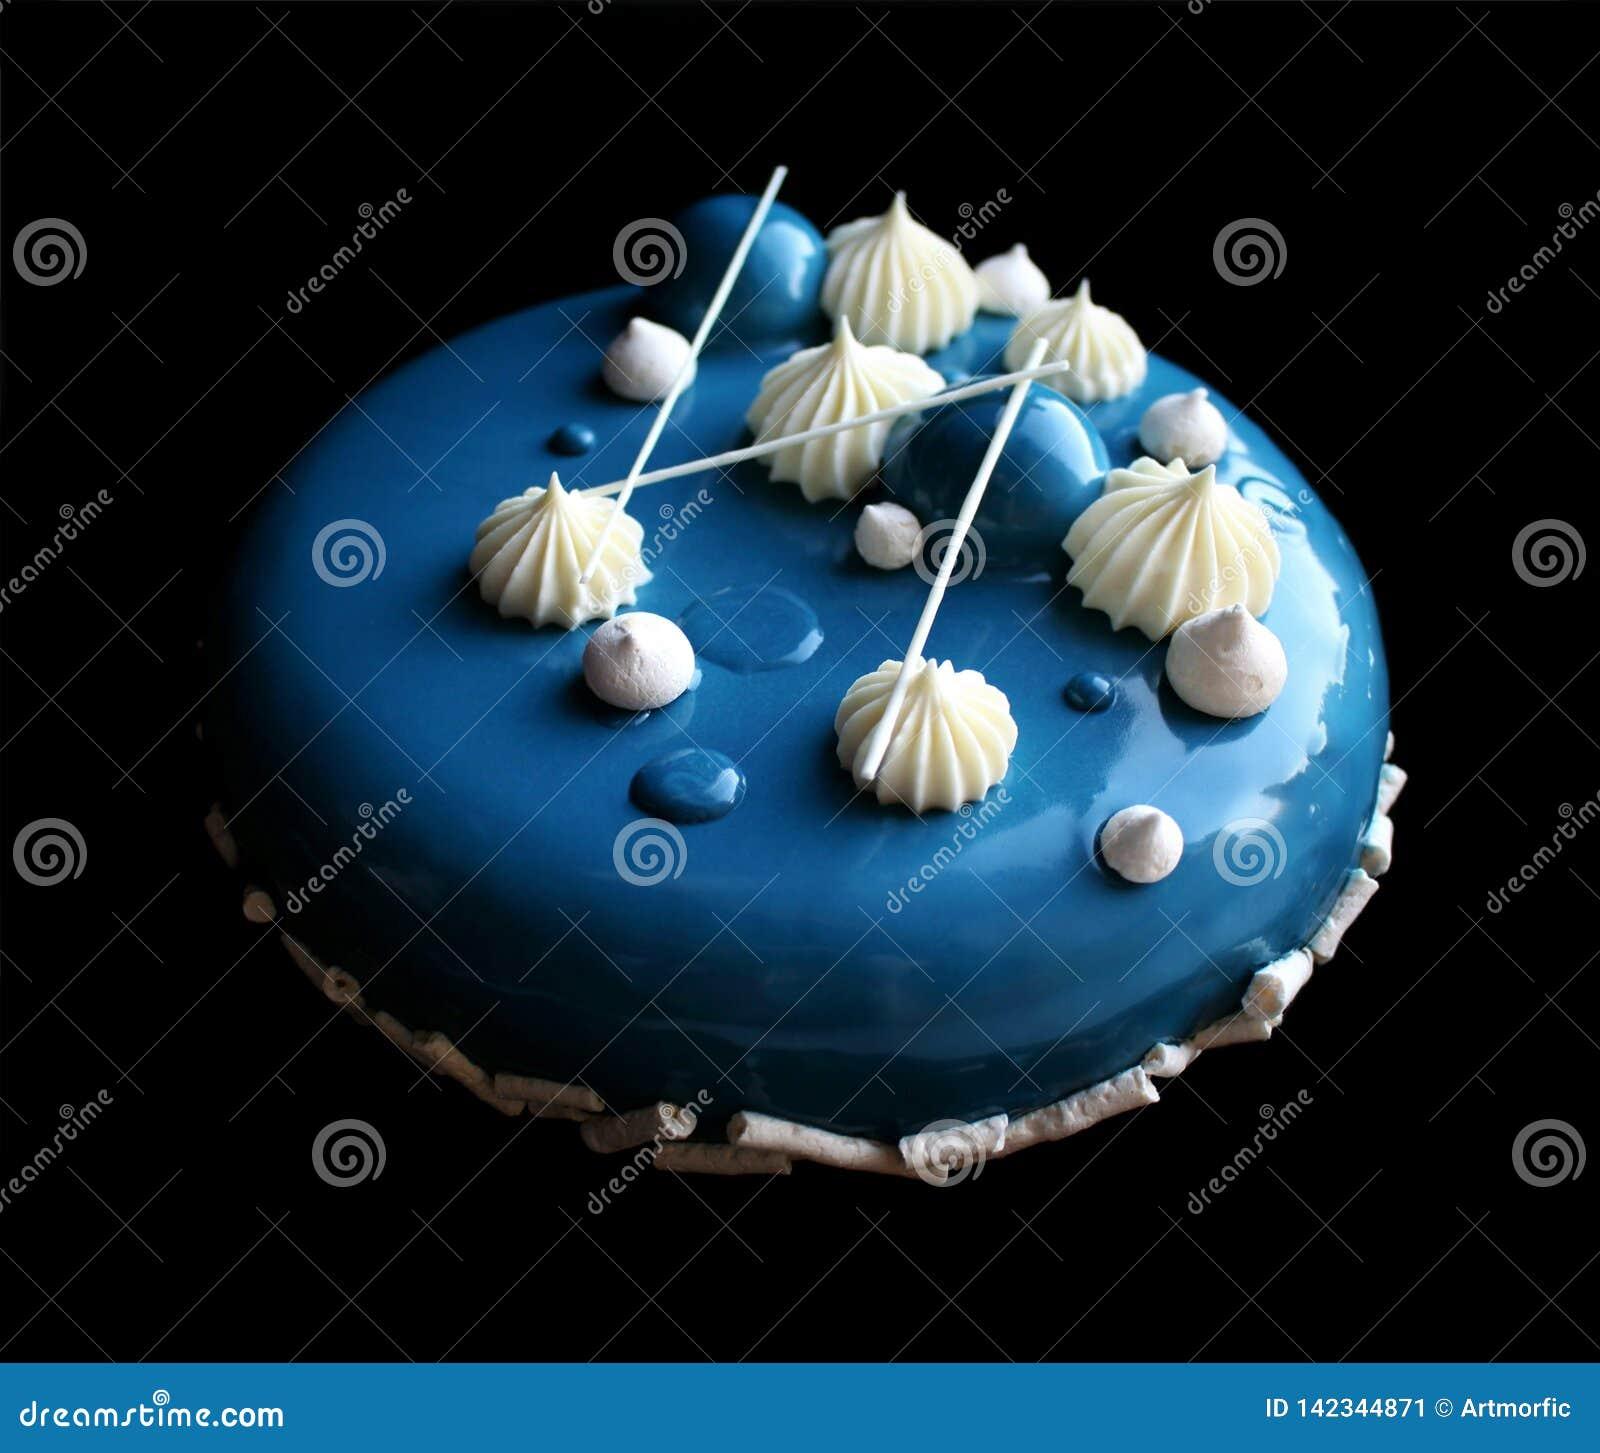 Torta azul y blanca con la torta brillante blanca de la crema batida con el esmalte, los merengues y el ganache del espejo